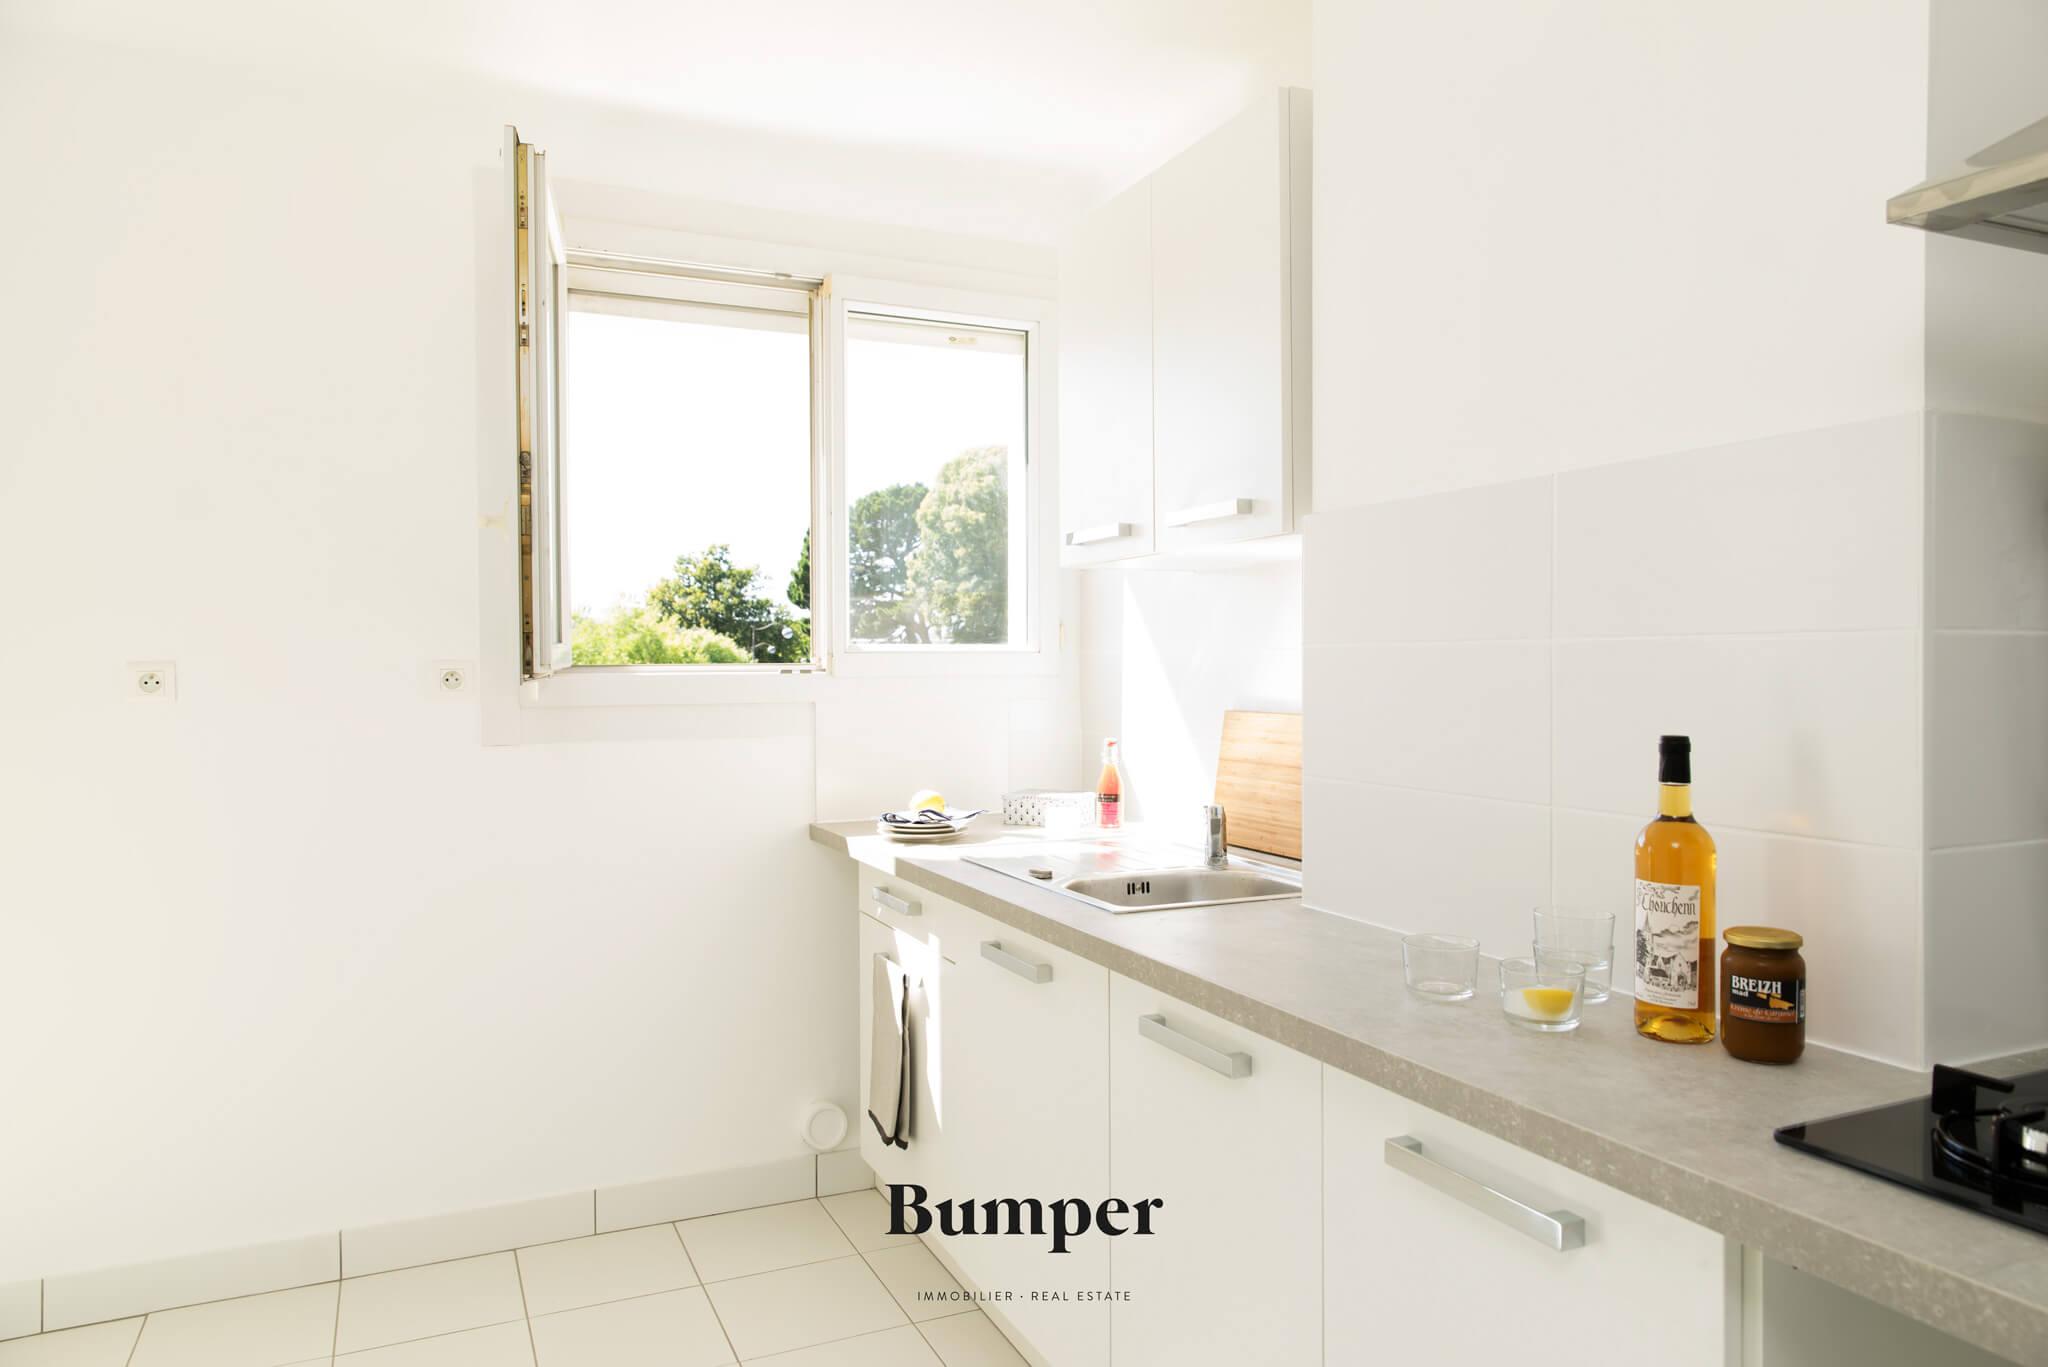 vannes-bumper-france-immobilier-lyon-appartement-avendre-T4cuisine.jpg